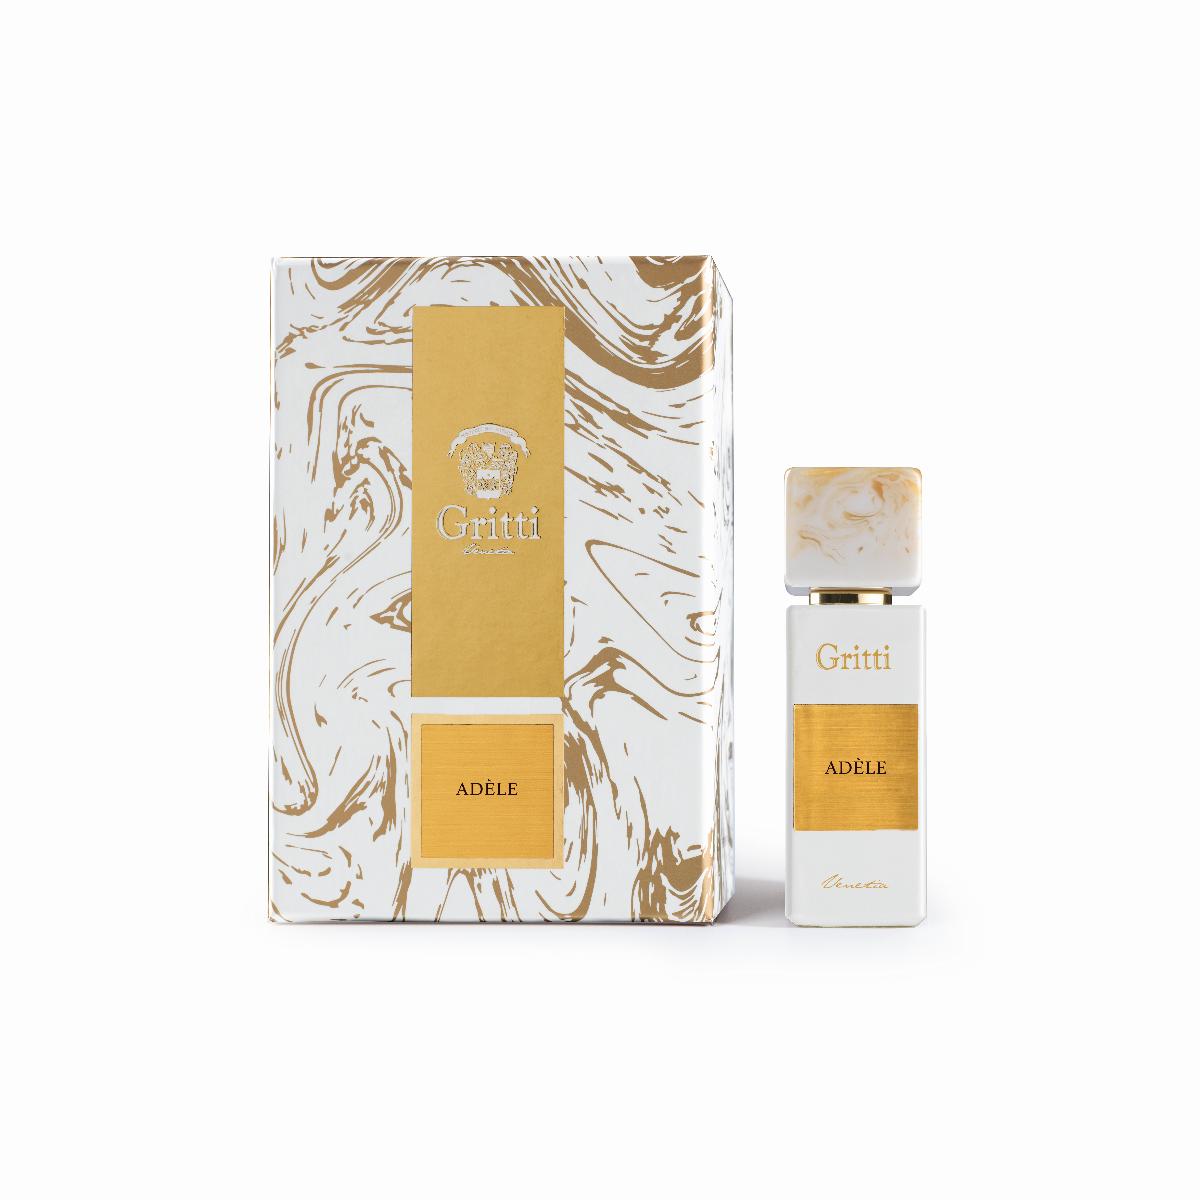 Gritti - Adèle - White Kollektion Box - Eau de Parfum 100 ml